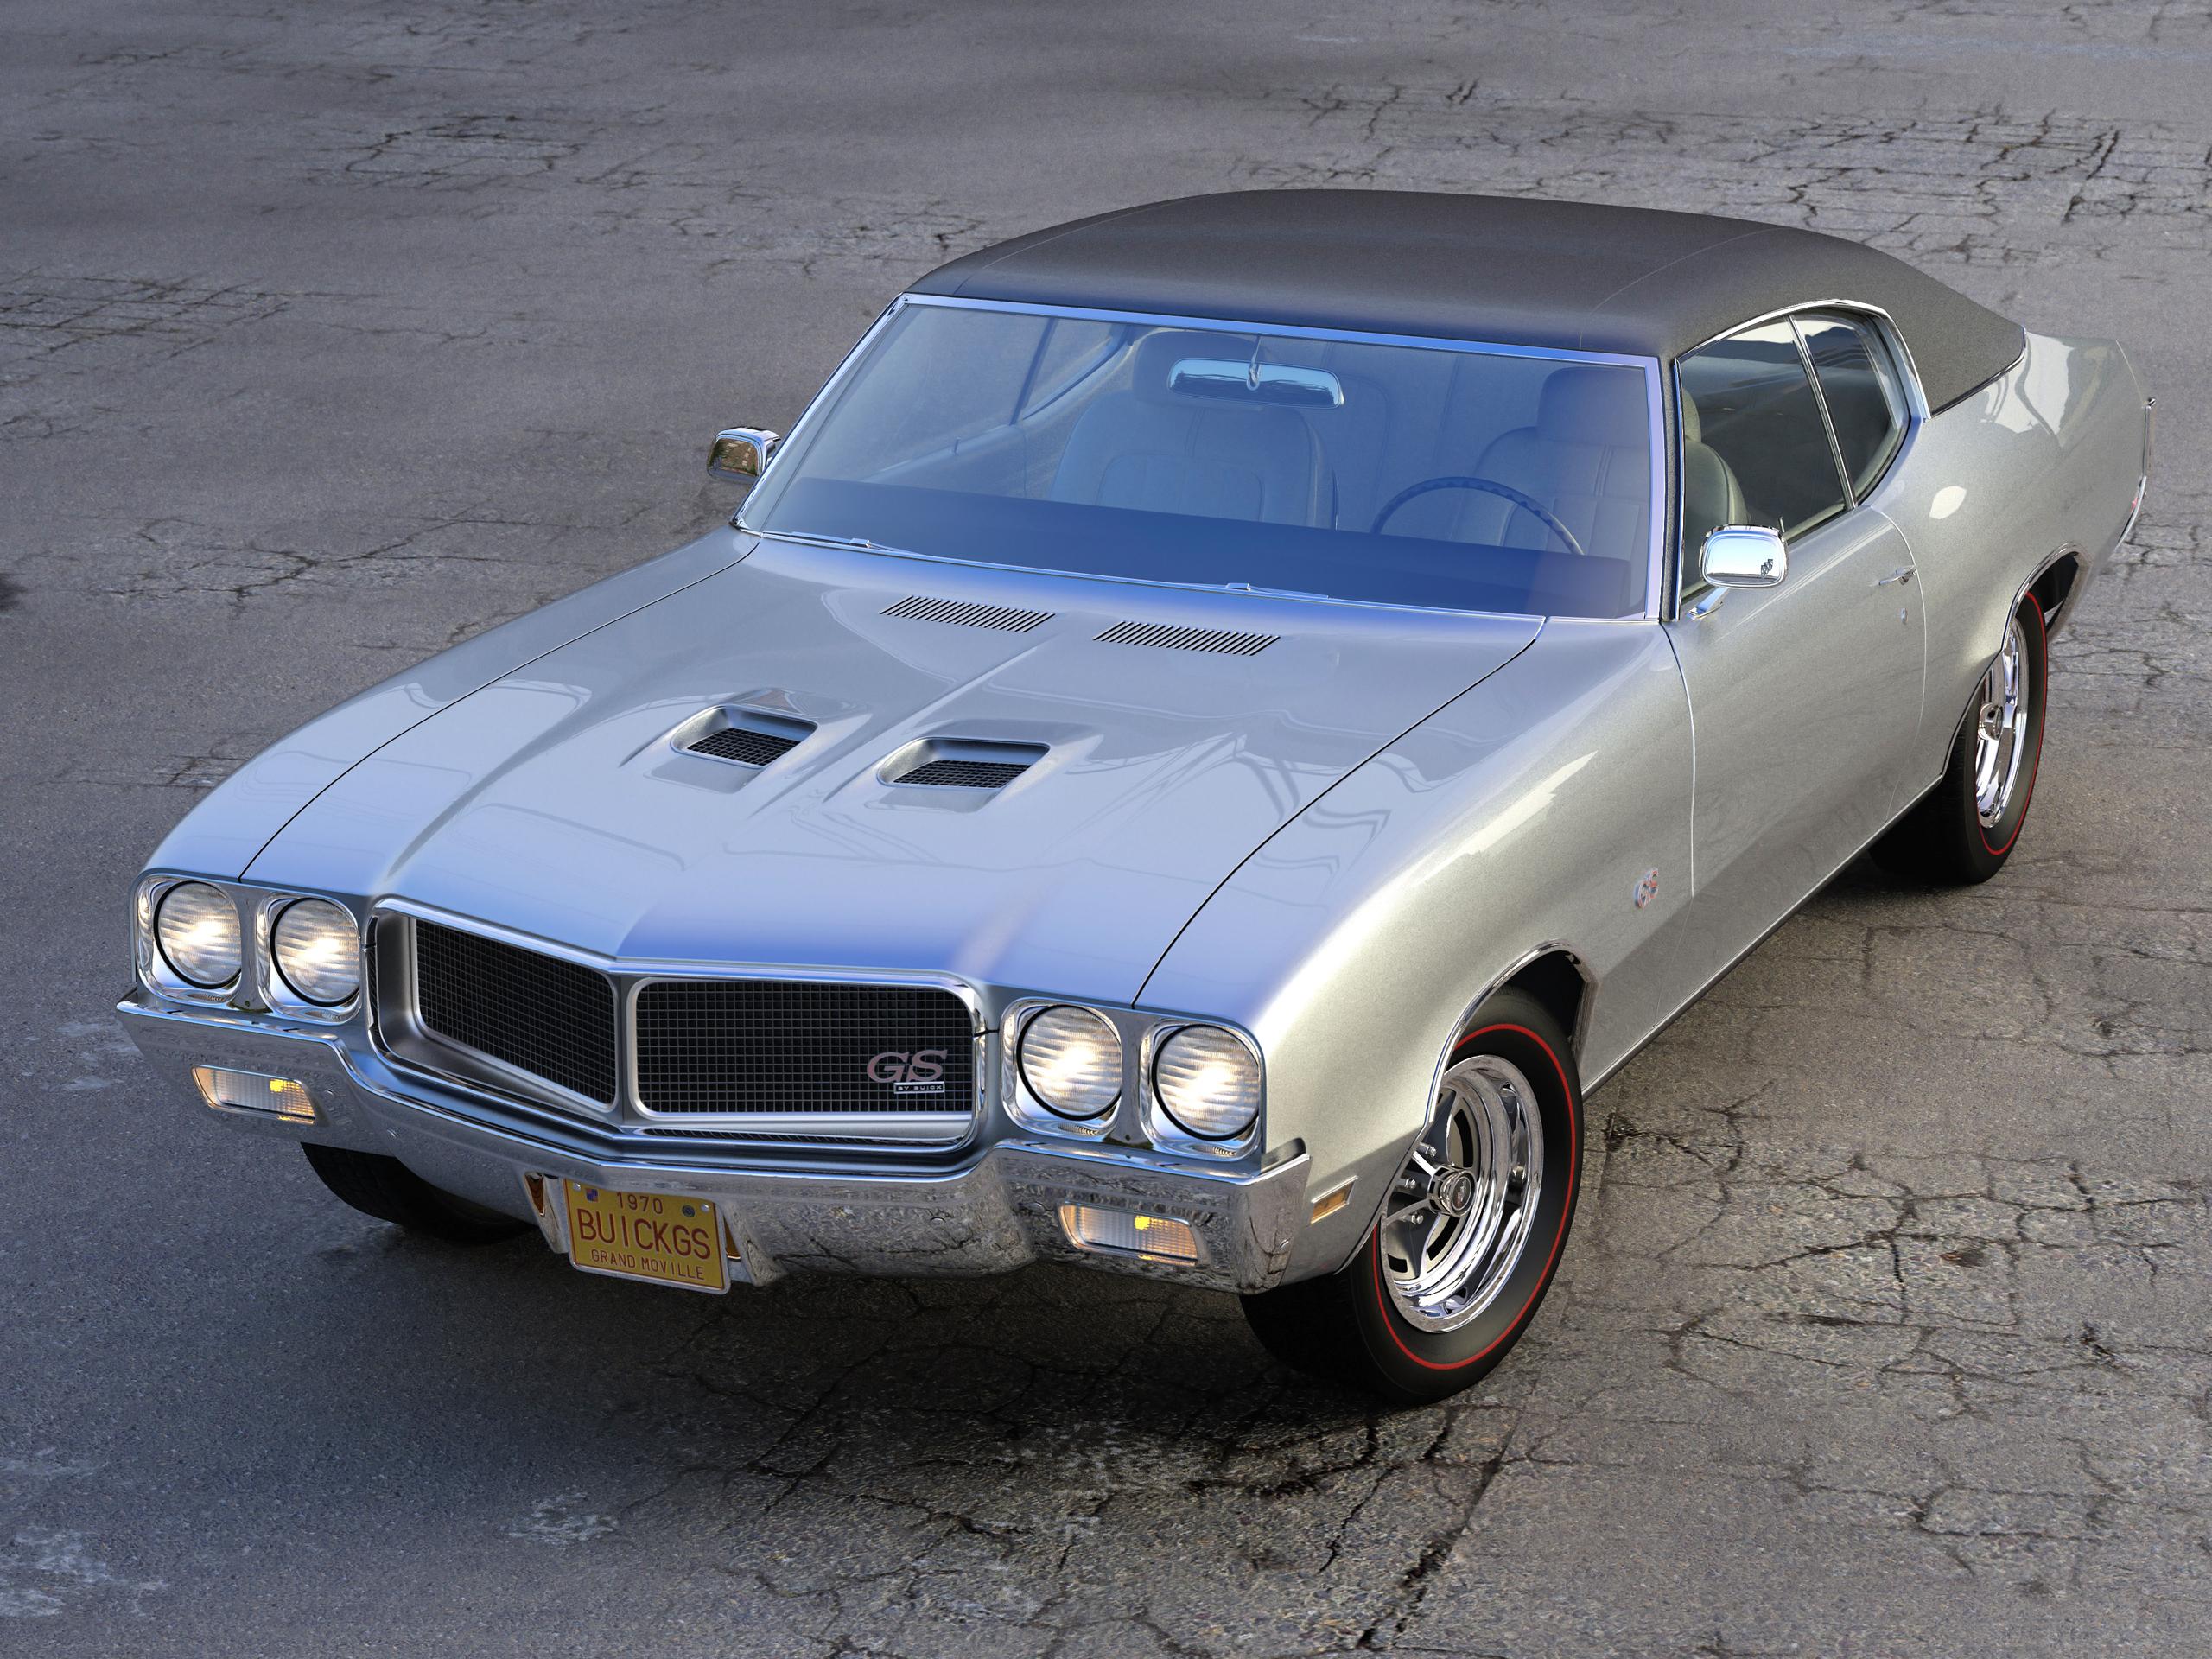 coupe gs 1970 3d model 3ds max fbx c4d obj 202326